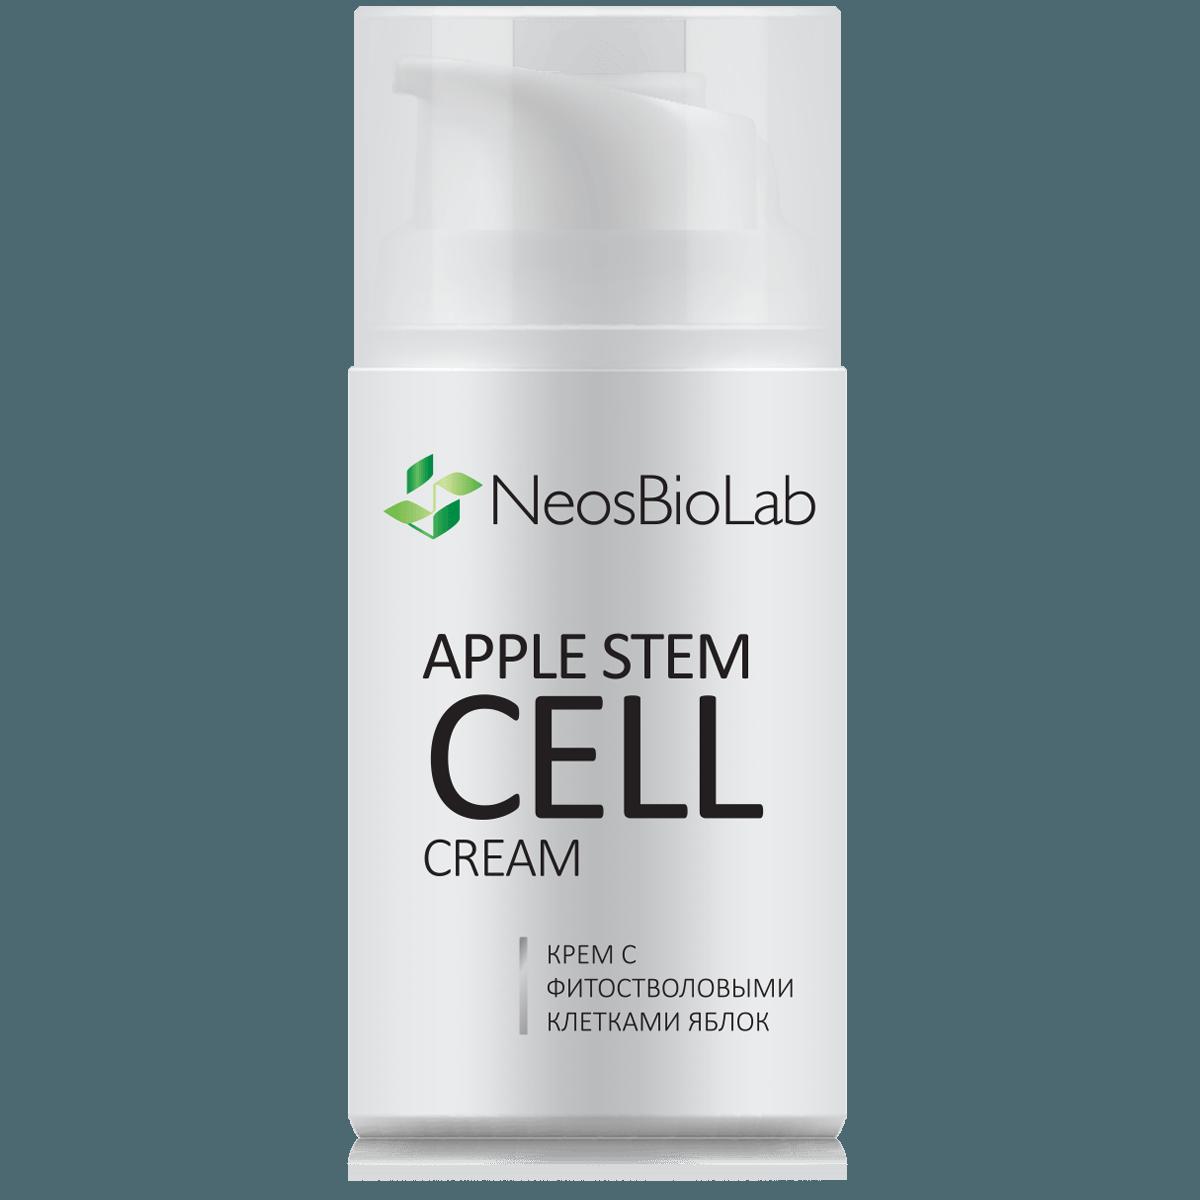 Программа ухода против морщин с Кремом с фитостволовыми клетками яблок NeosBioLab